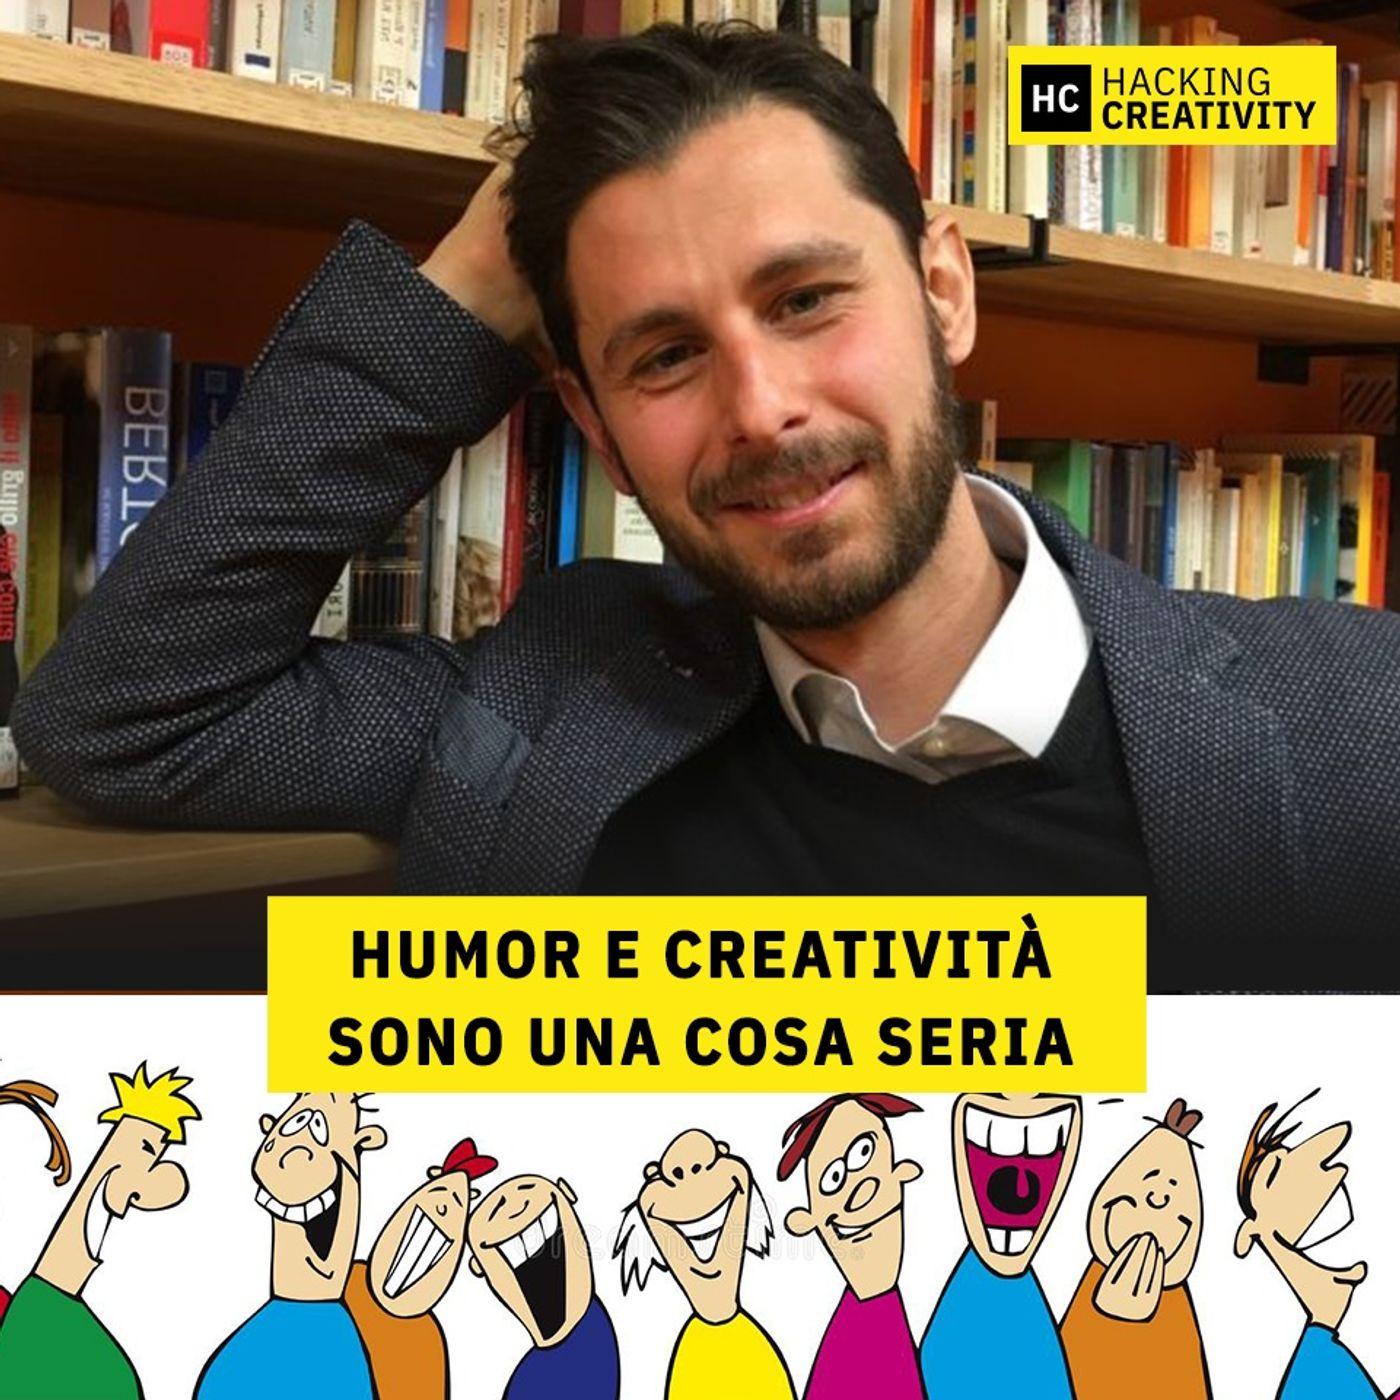 58 - Humor e creatività sono una cosa seria